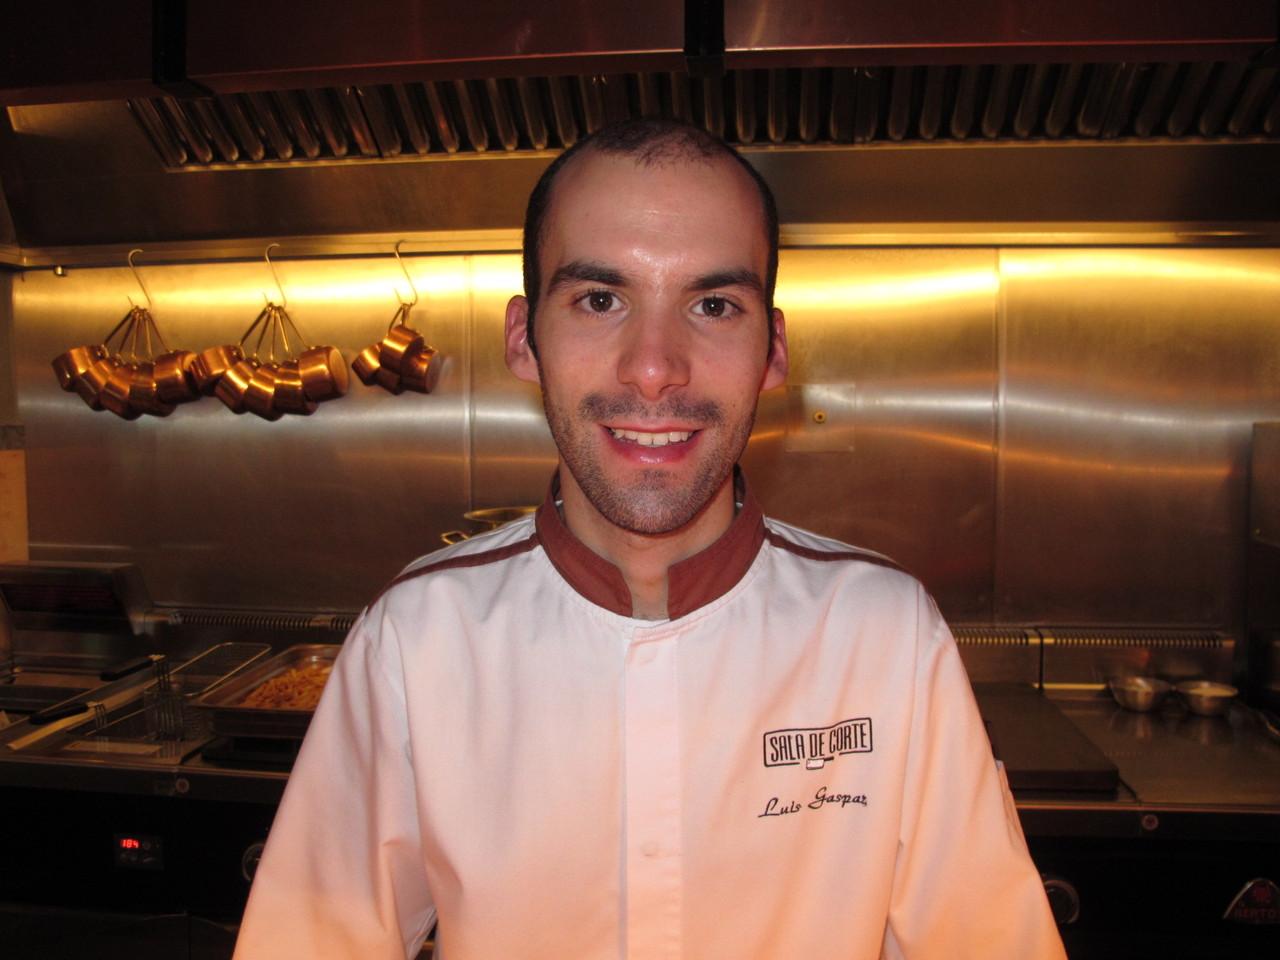 Luís Gaspar